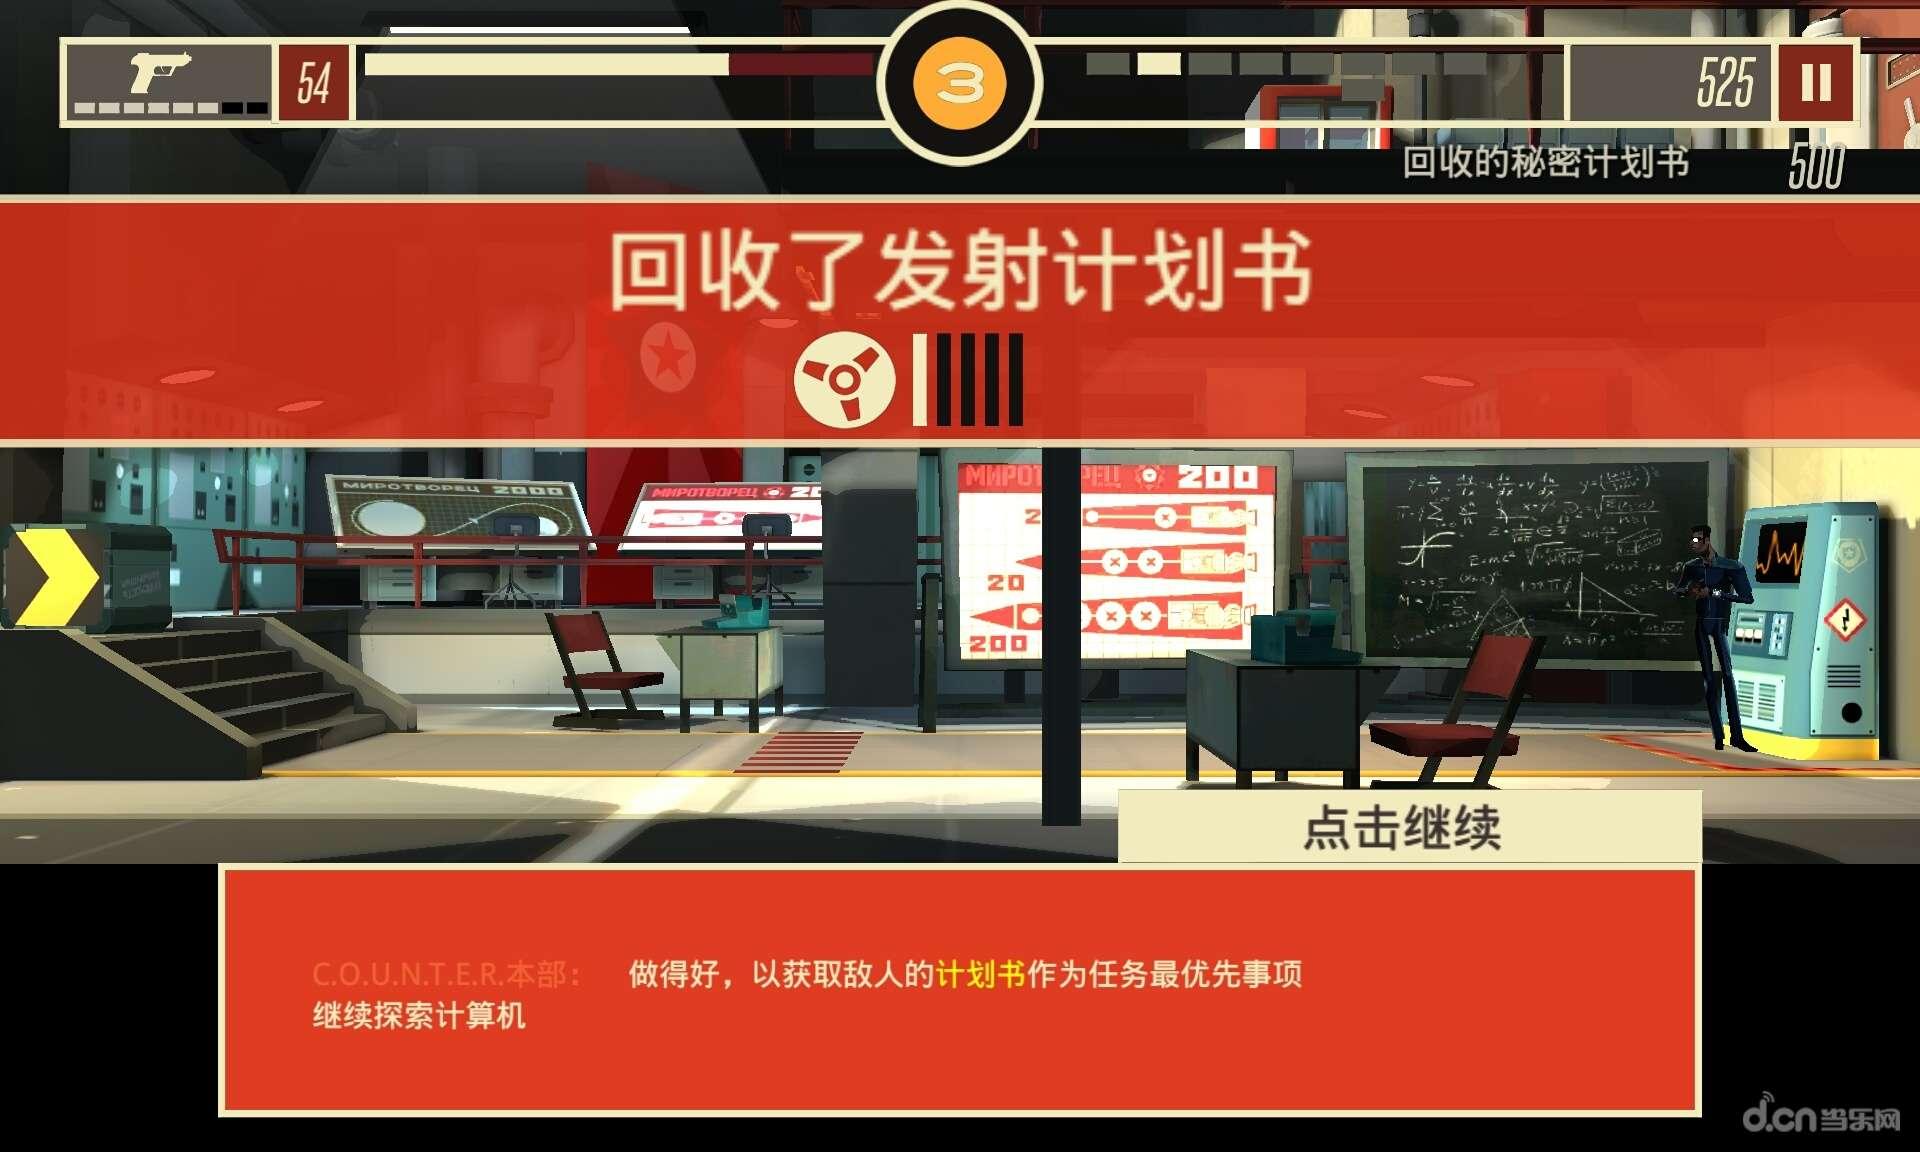 反击间谍汉化版 反击间谍汉化版安卓版下载 攻略 评测 当...